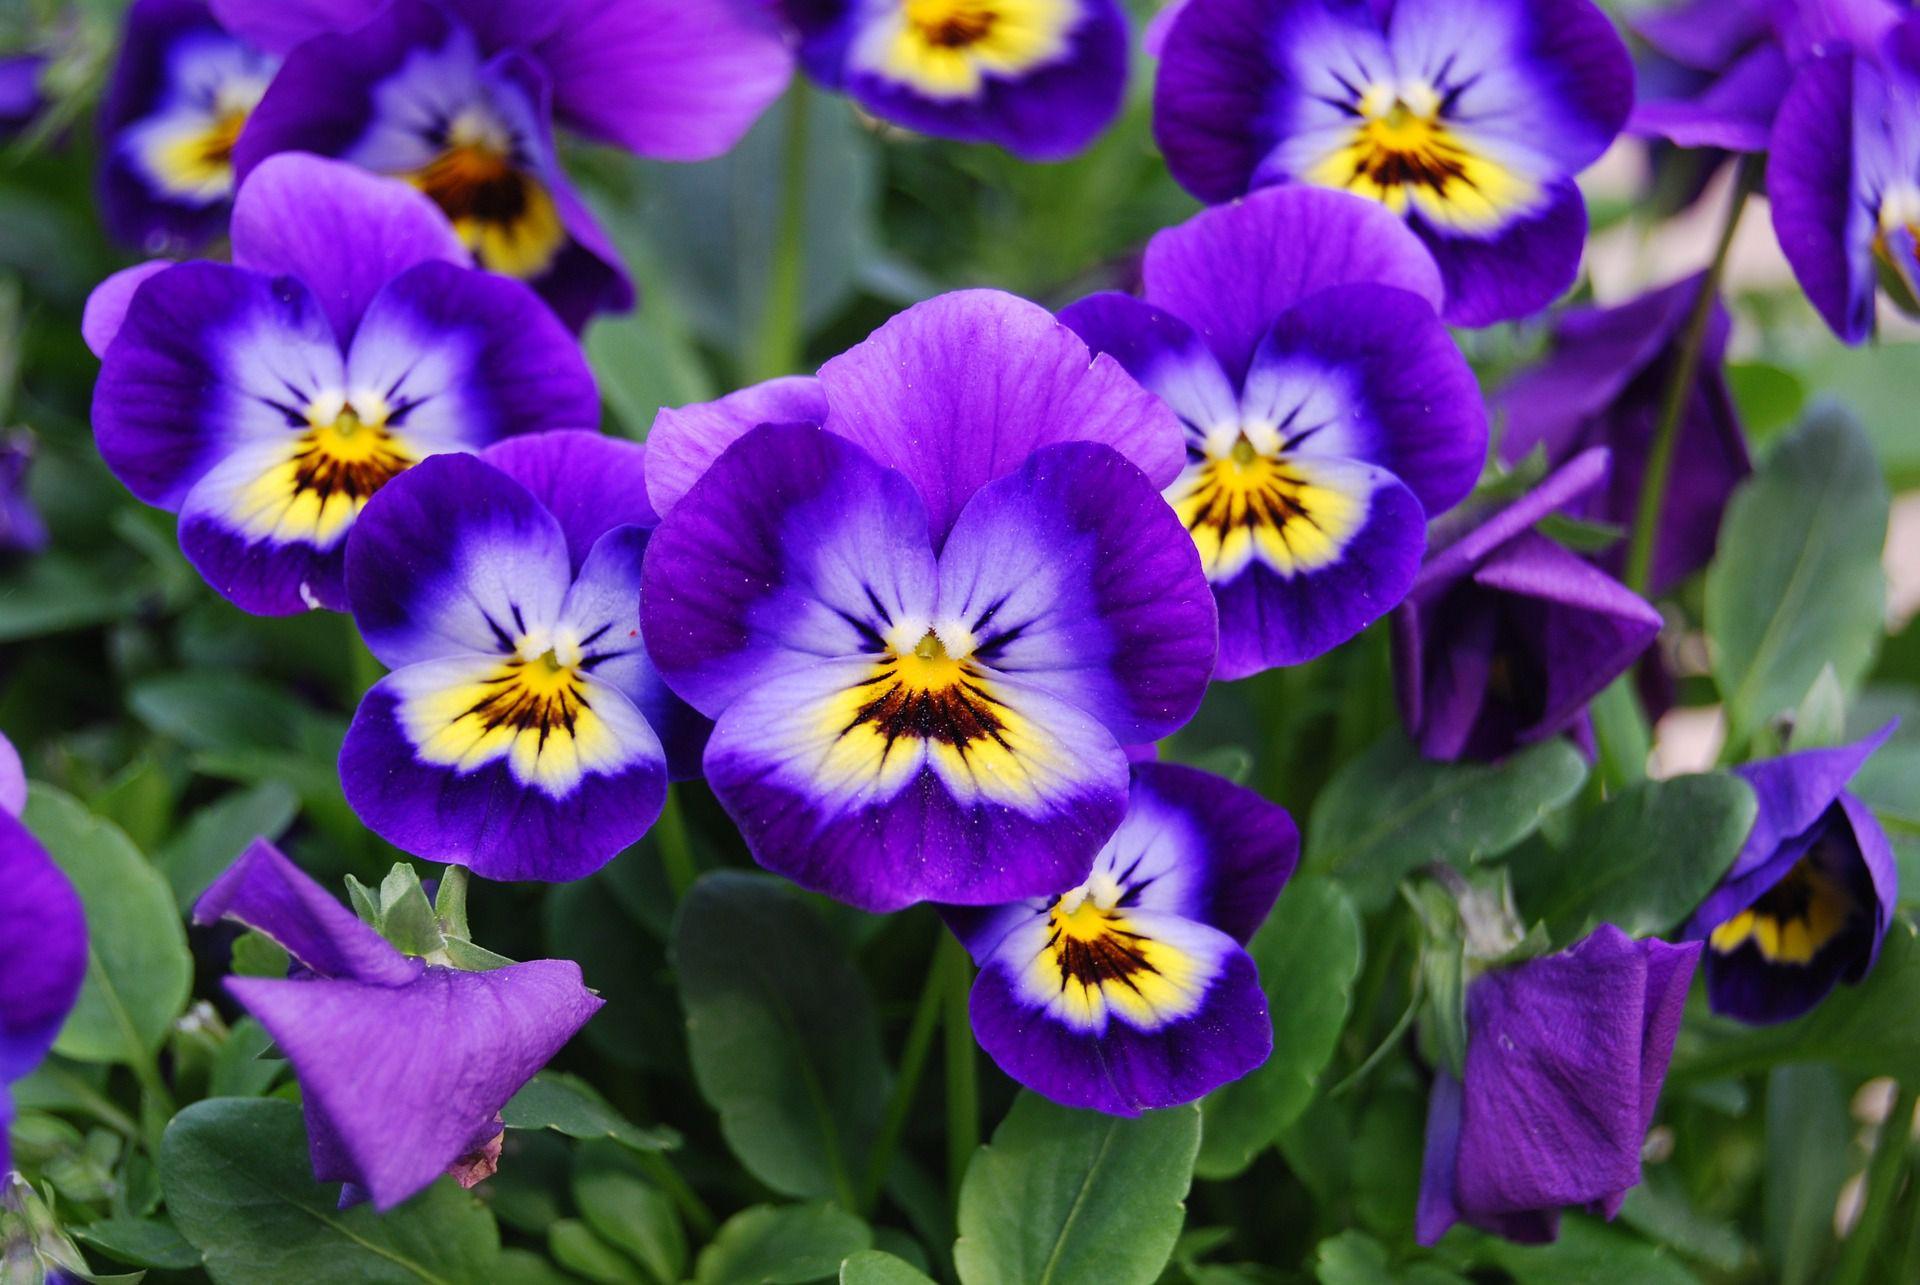 How To Grow Violas In A Home Garden